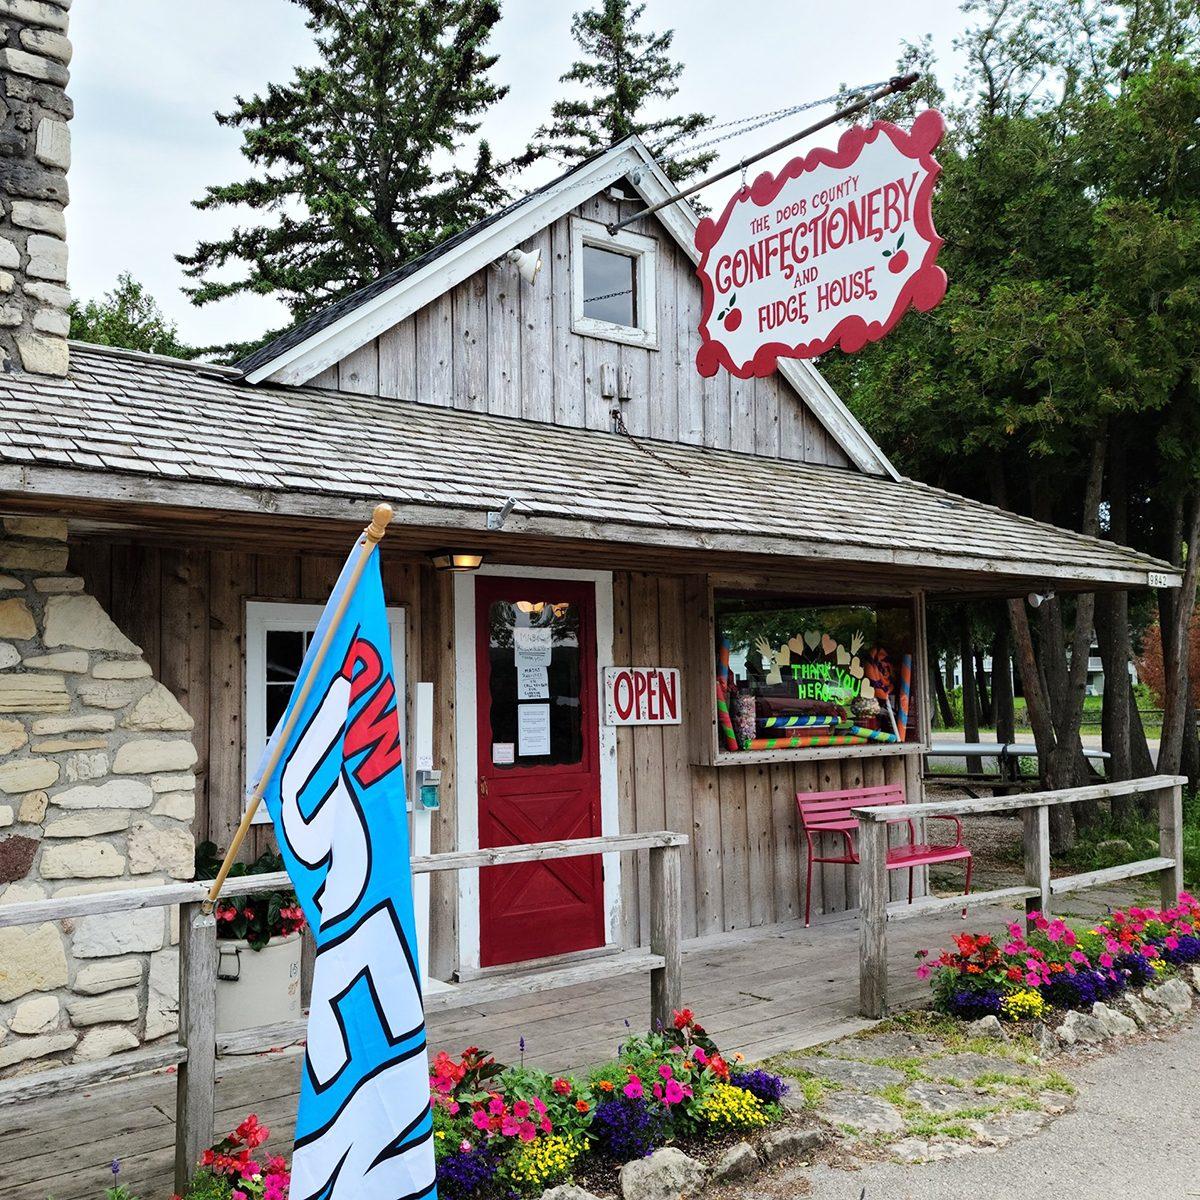 The Best Fudge Shop in Wisconsin - Door County Confectionery